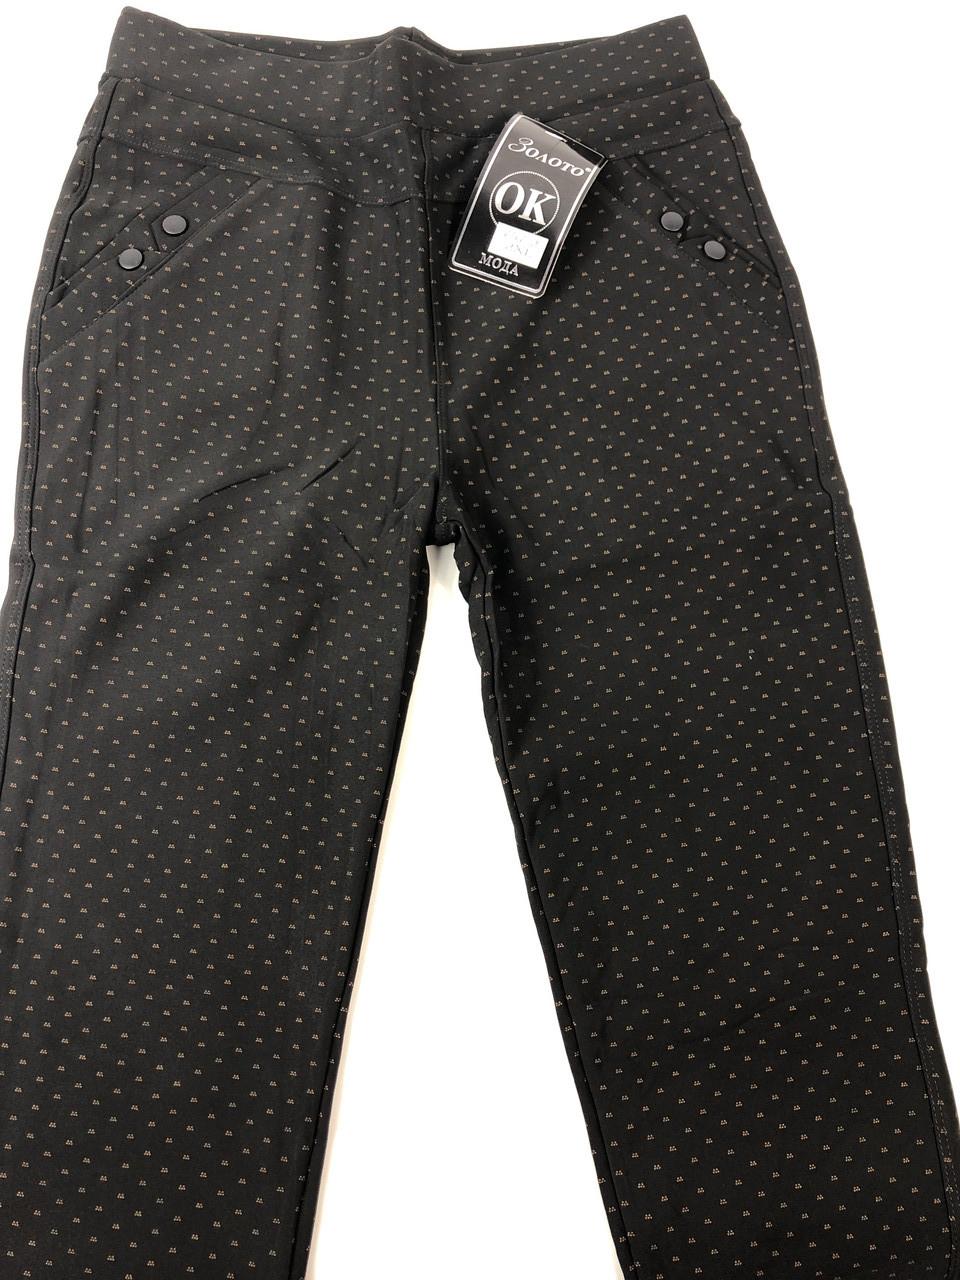 Женские  брюки  XL 2XL 3XL